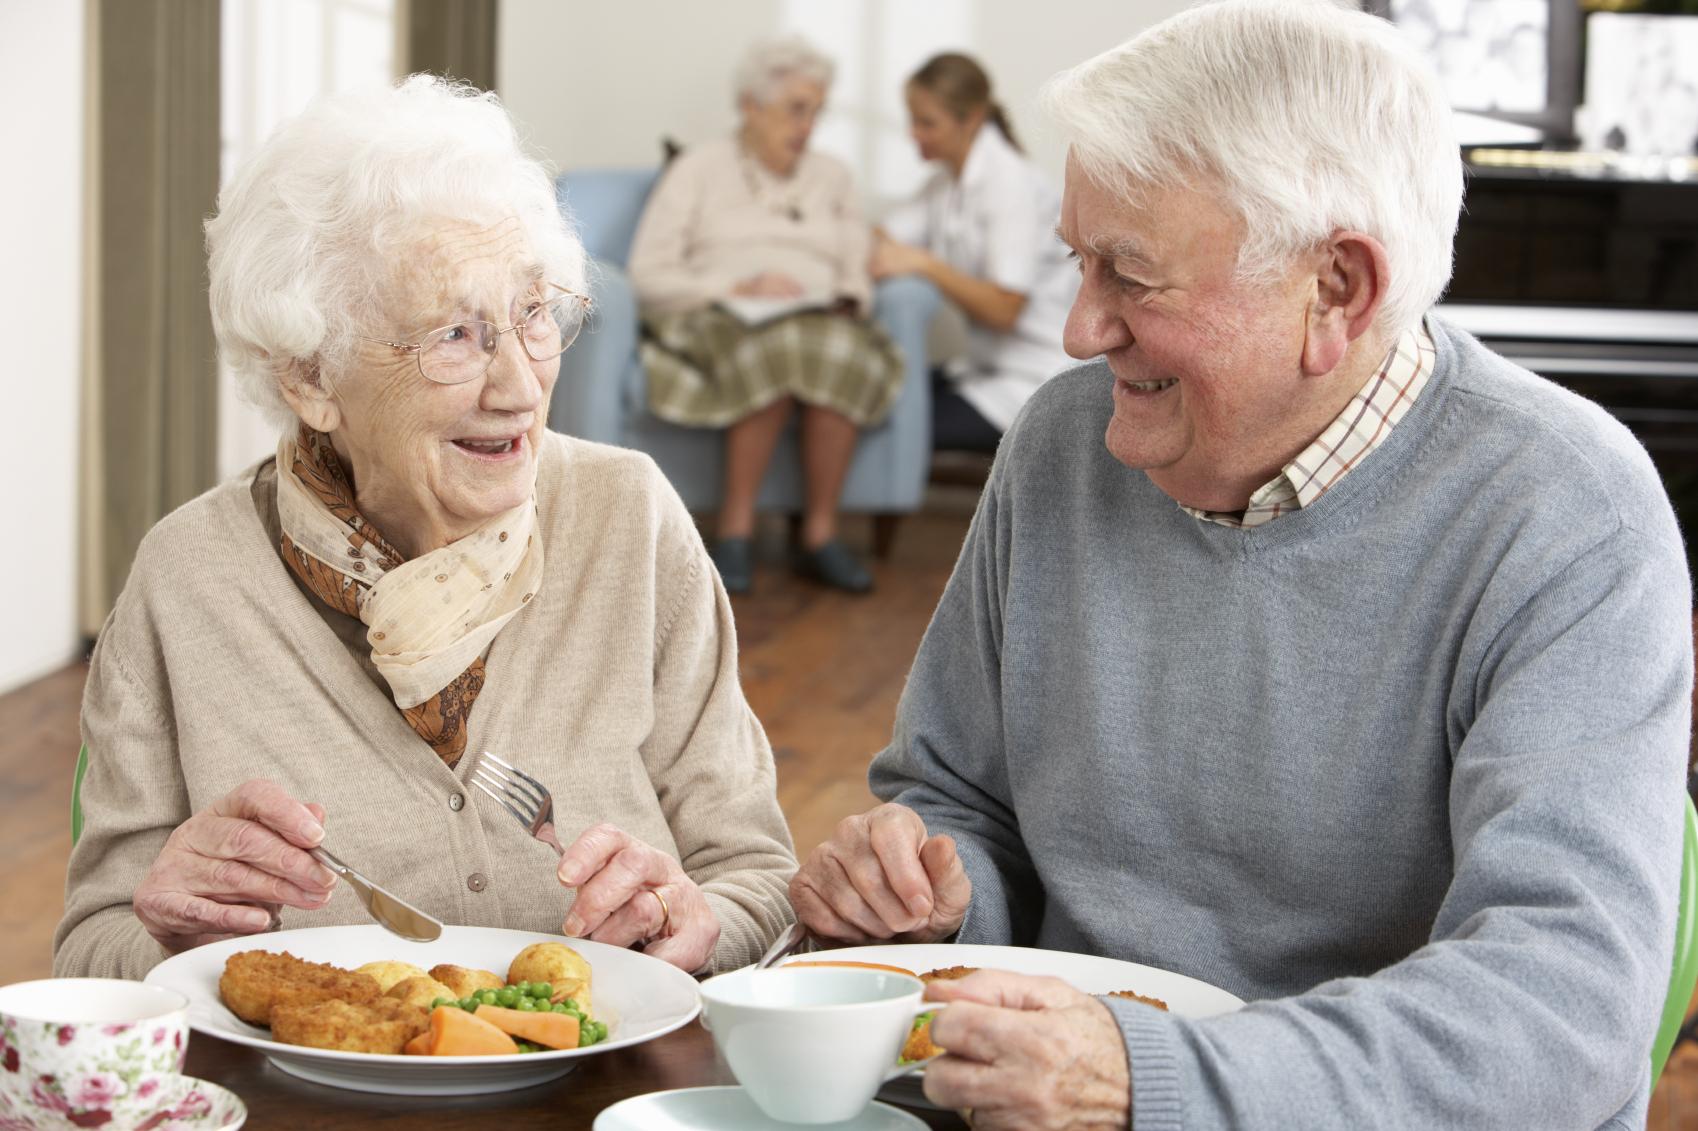 Andere voedselvoorkeuren bij ouderen met slechte eetlust